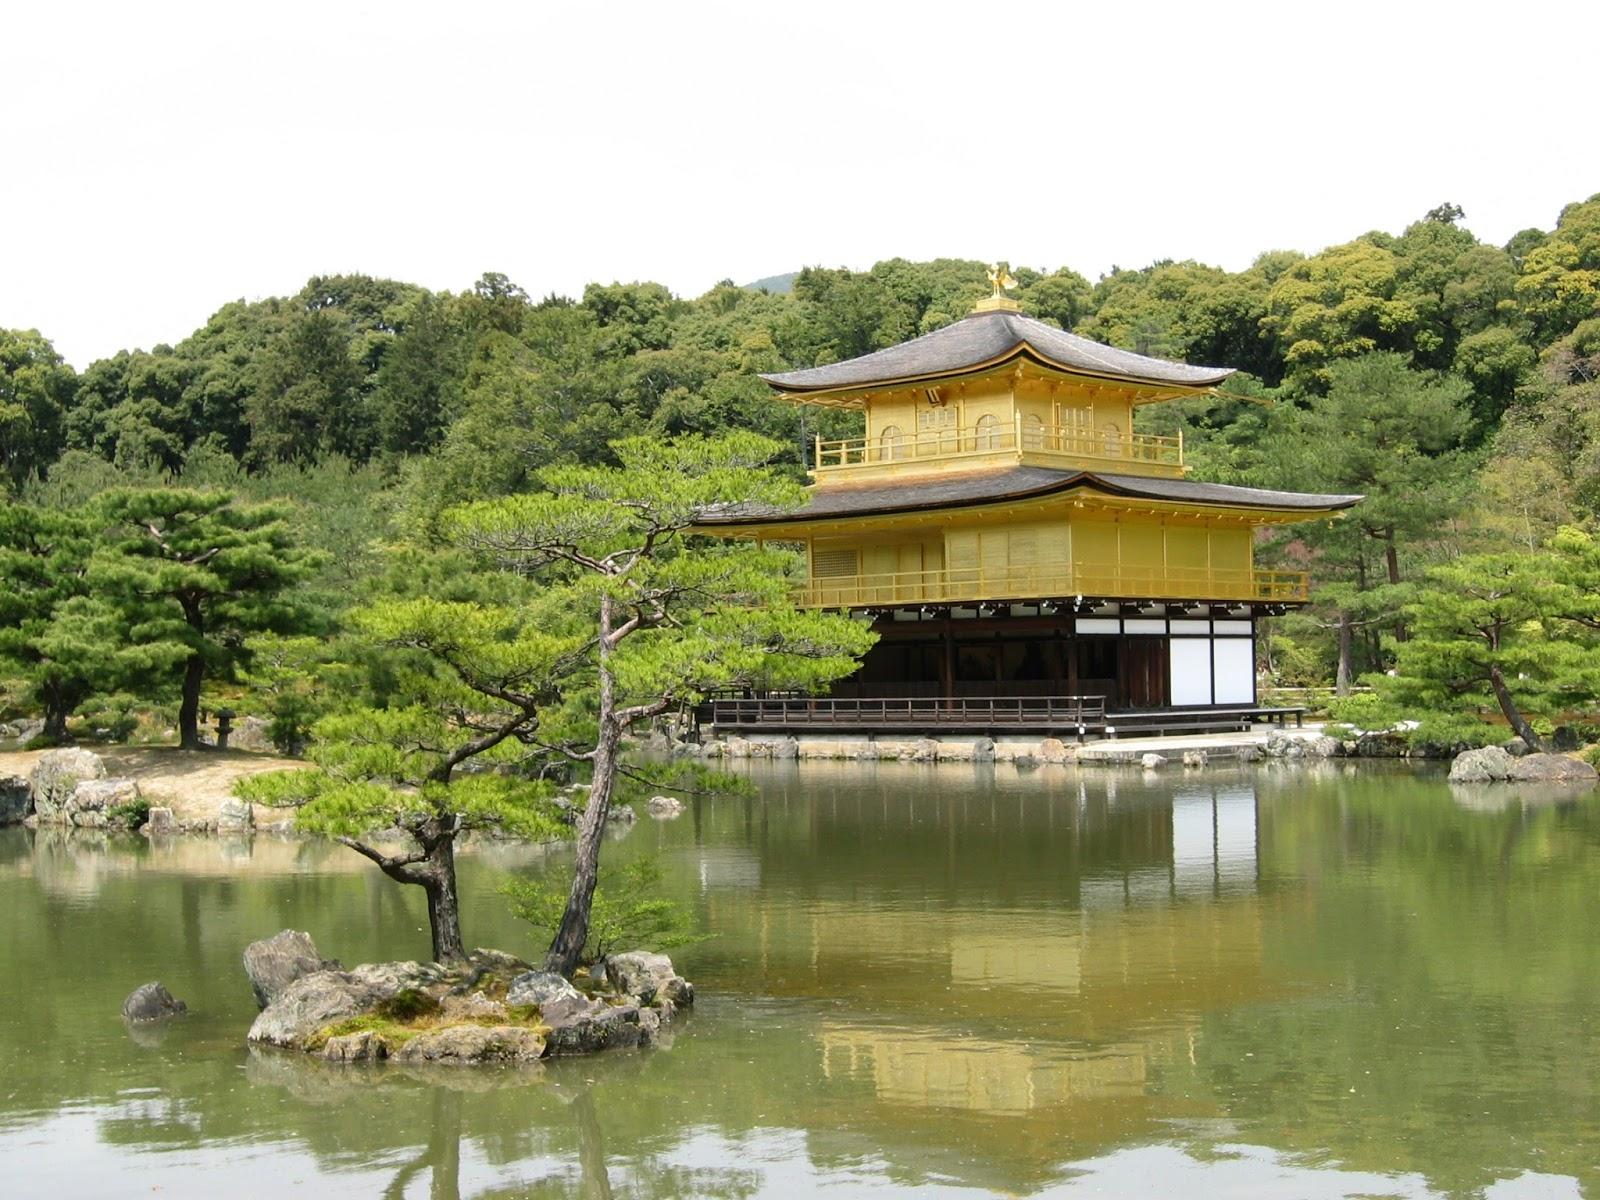 去哪裡旅遊景點玩: 日本京都旅遊景點 金閣寺